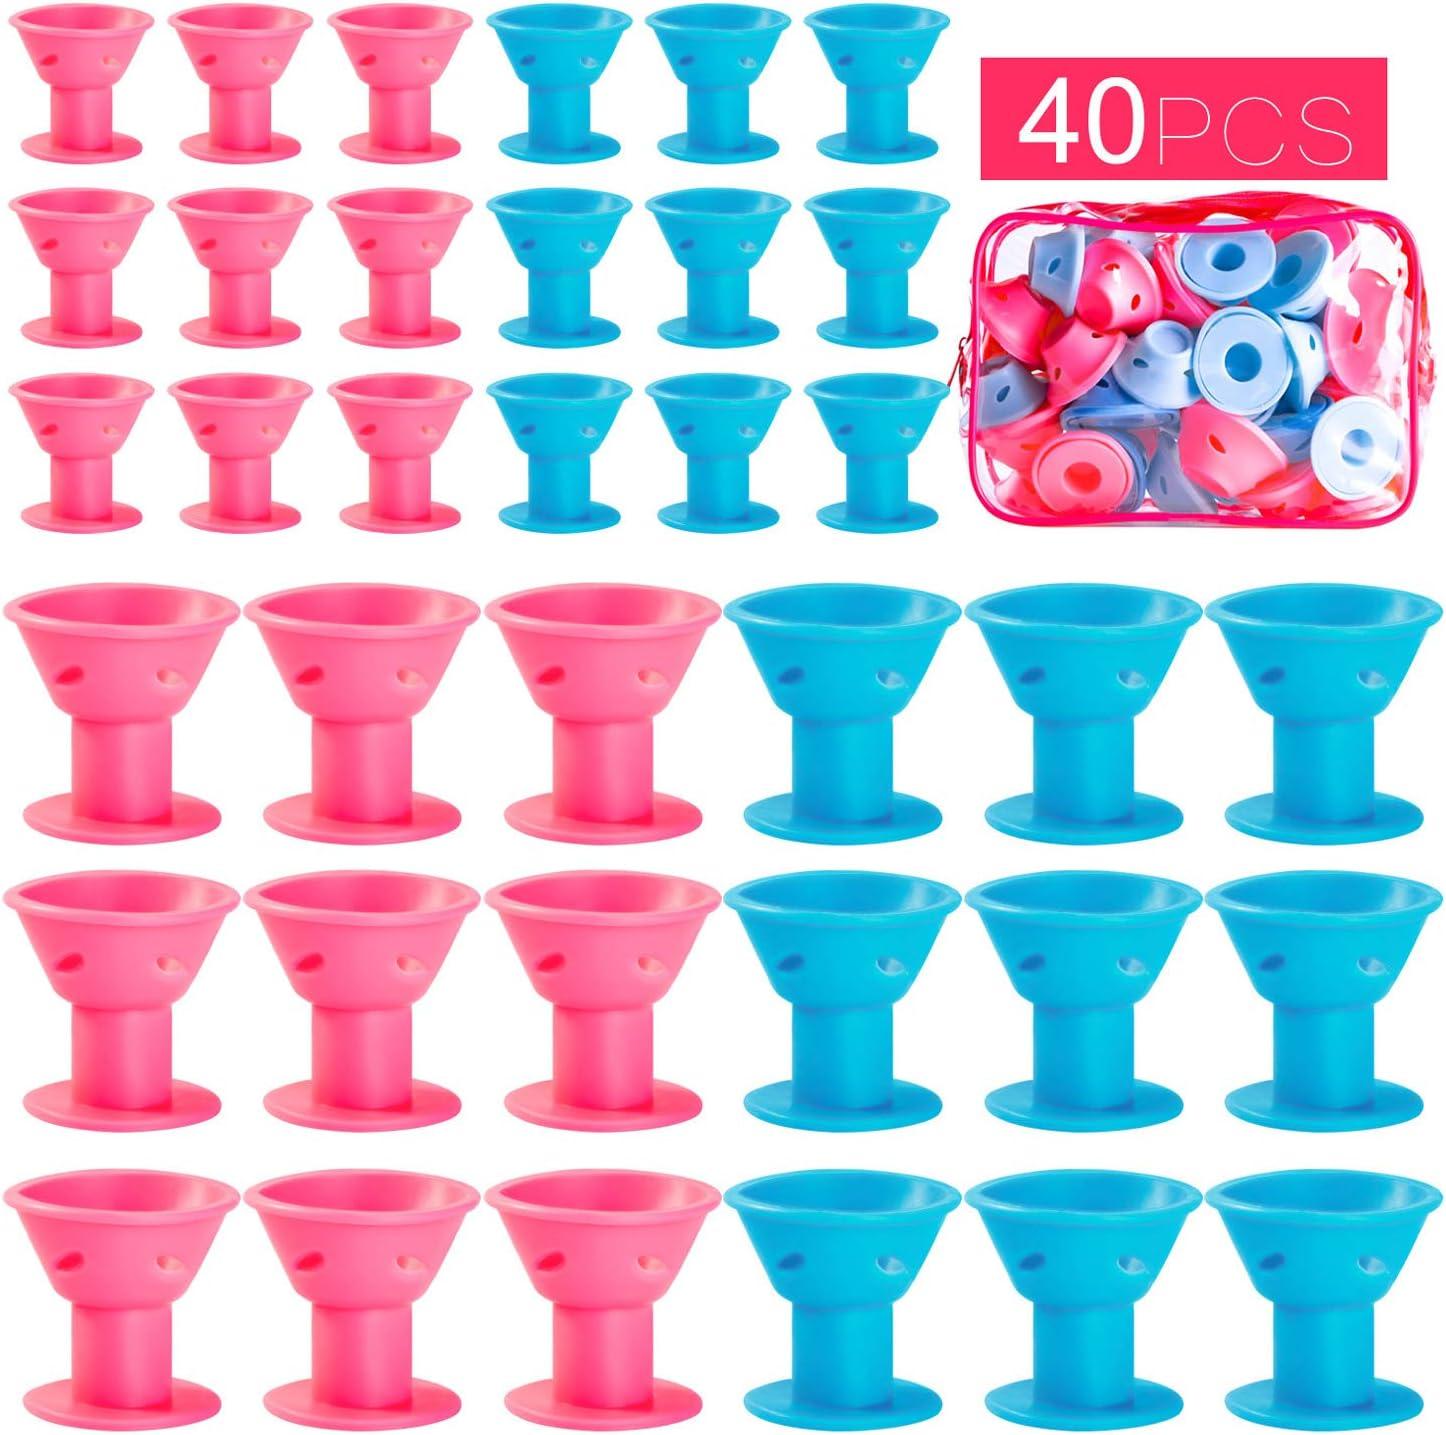 40 rulos de pelo de silicona, color azul y rosa, 20 unidades de ...